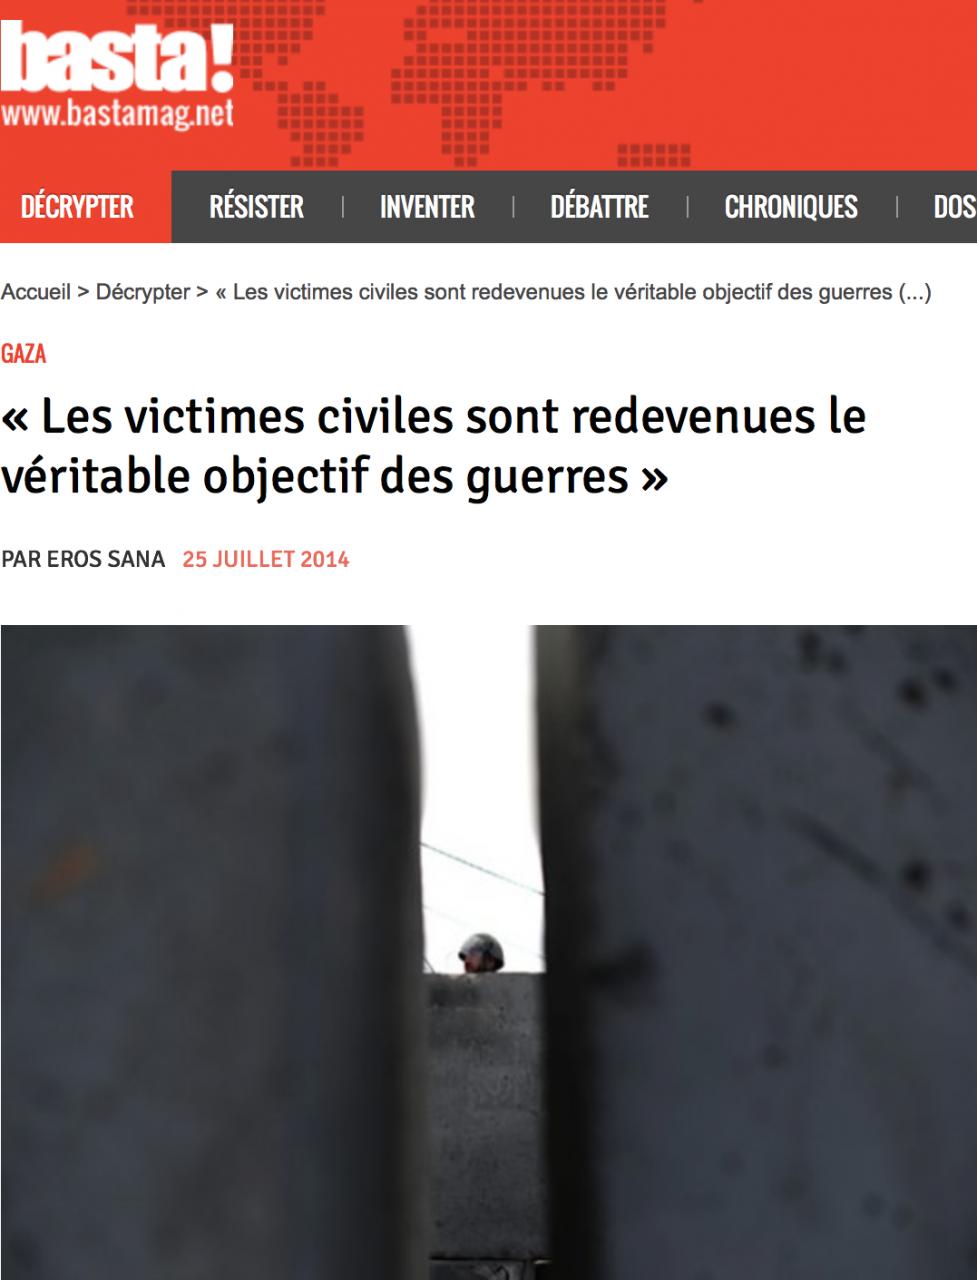 Victimes civiles : le véritable objectif